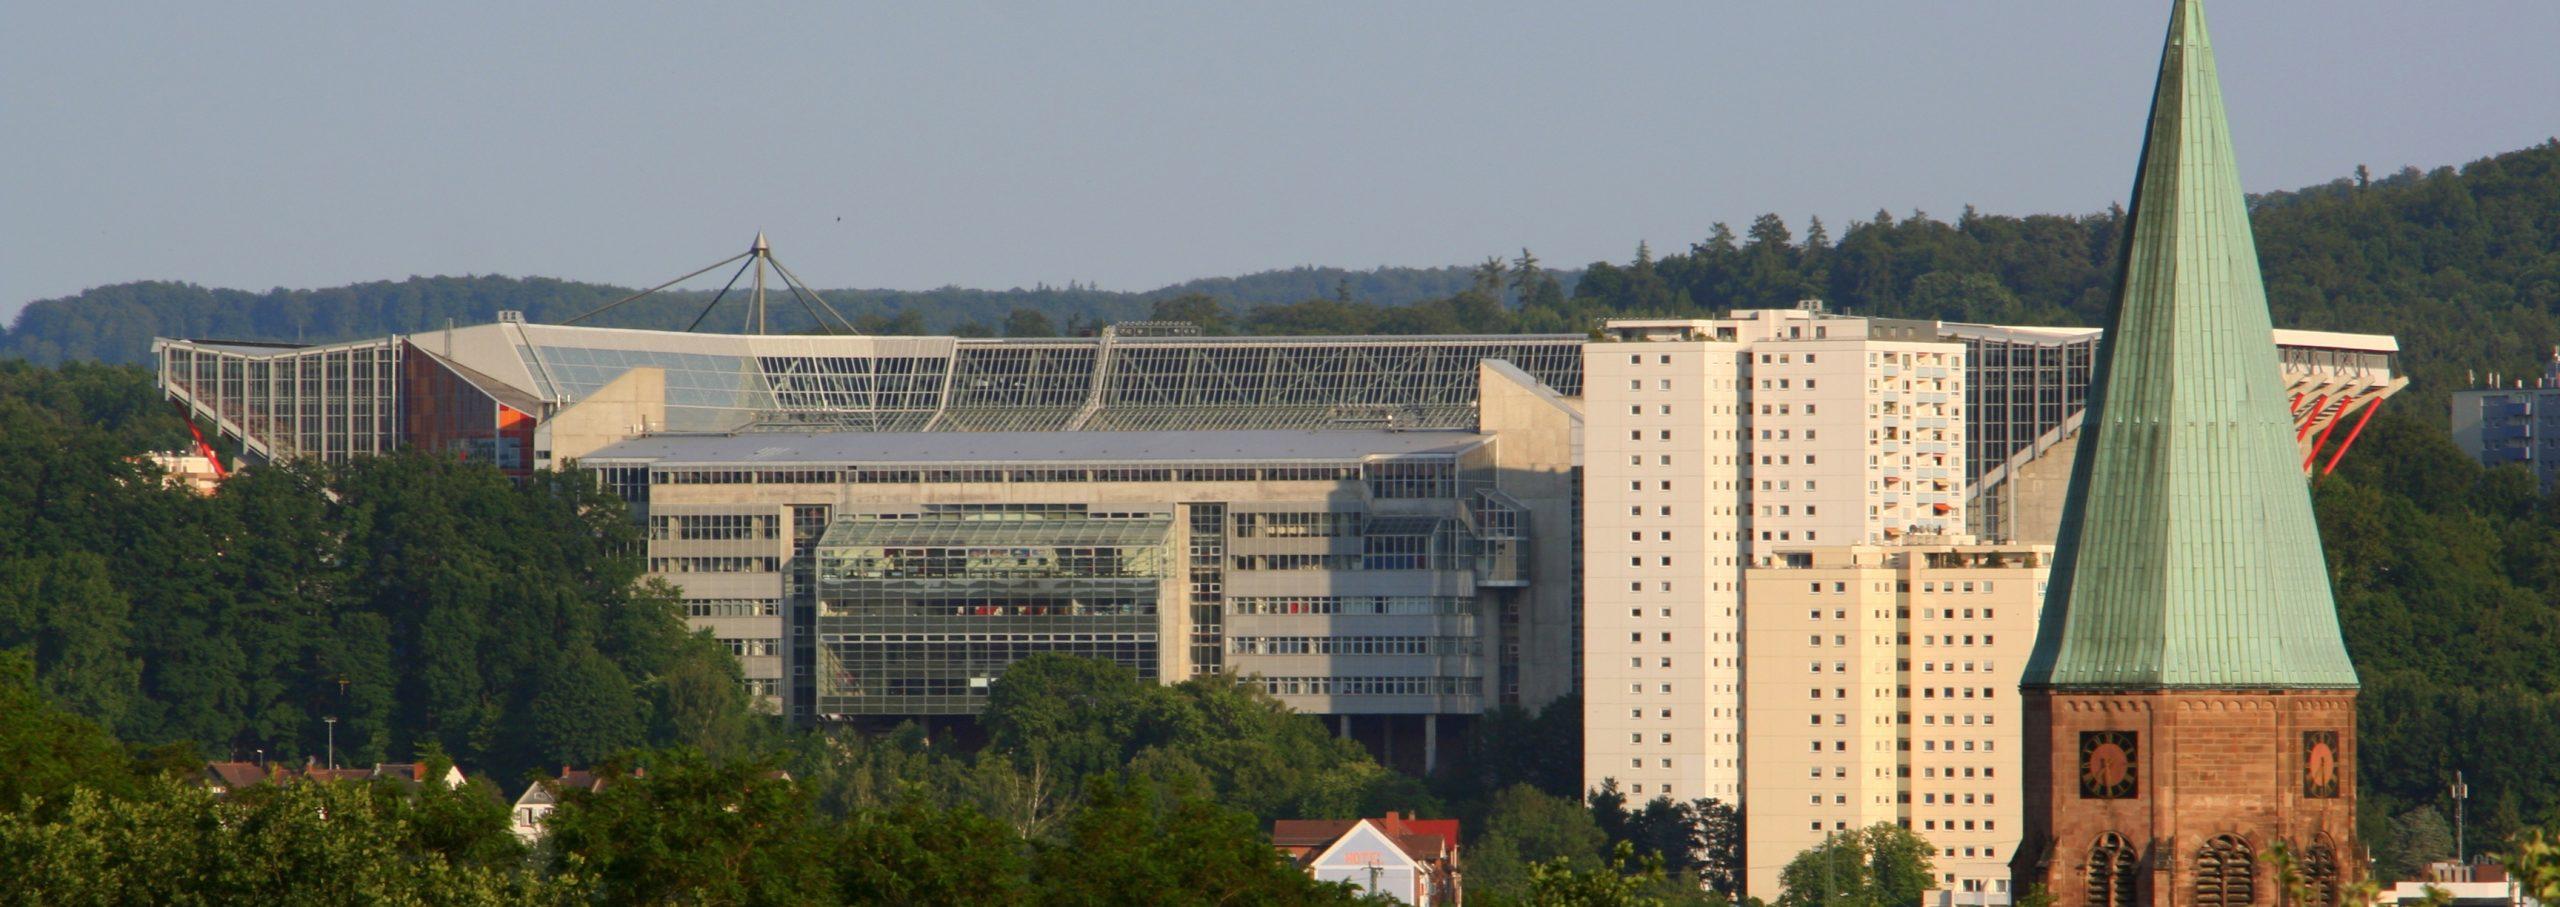 Ihr Ansprechpartner für Baufinanzierung in Kaiserslautern